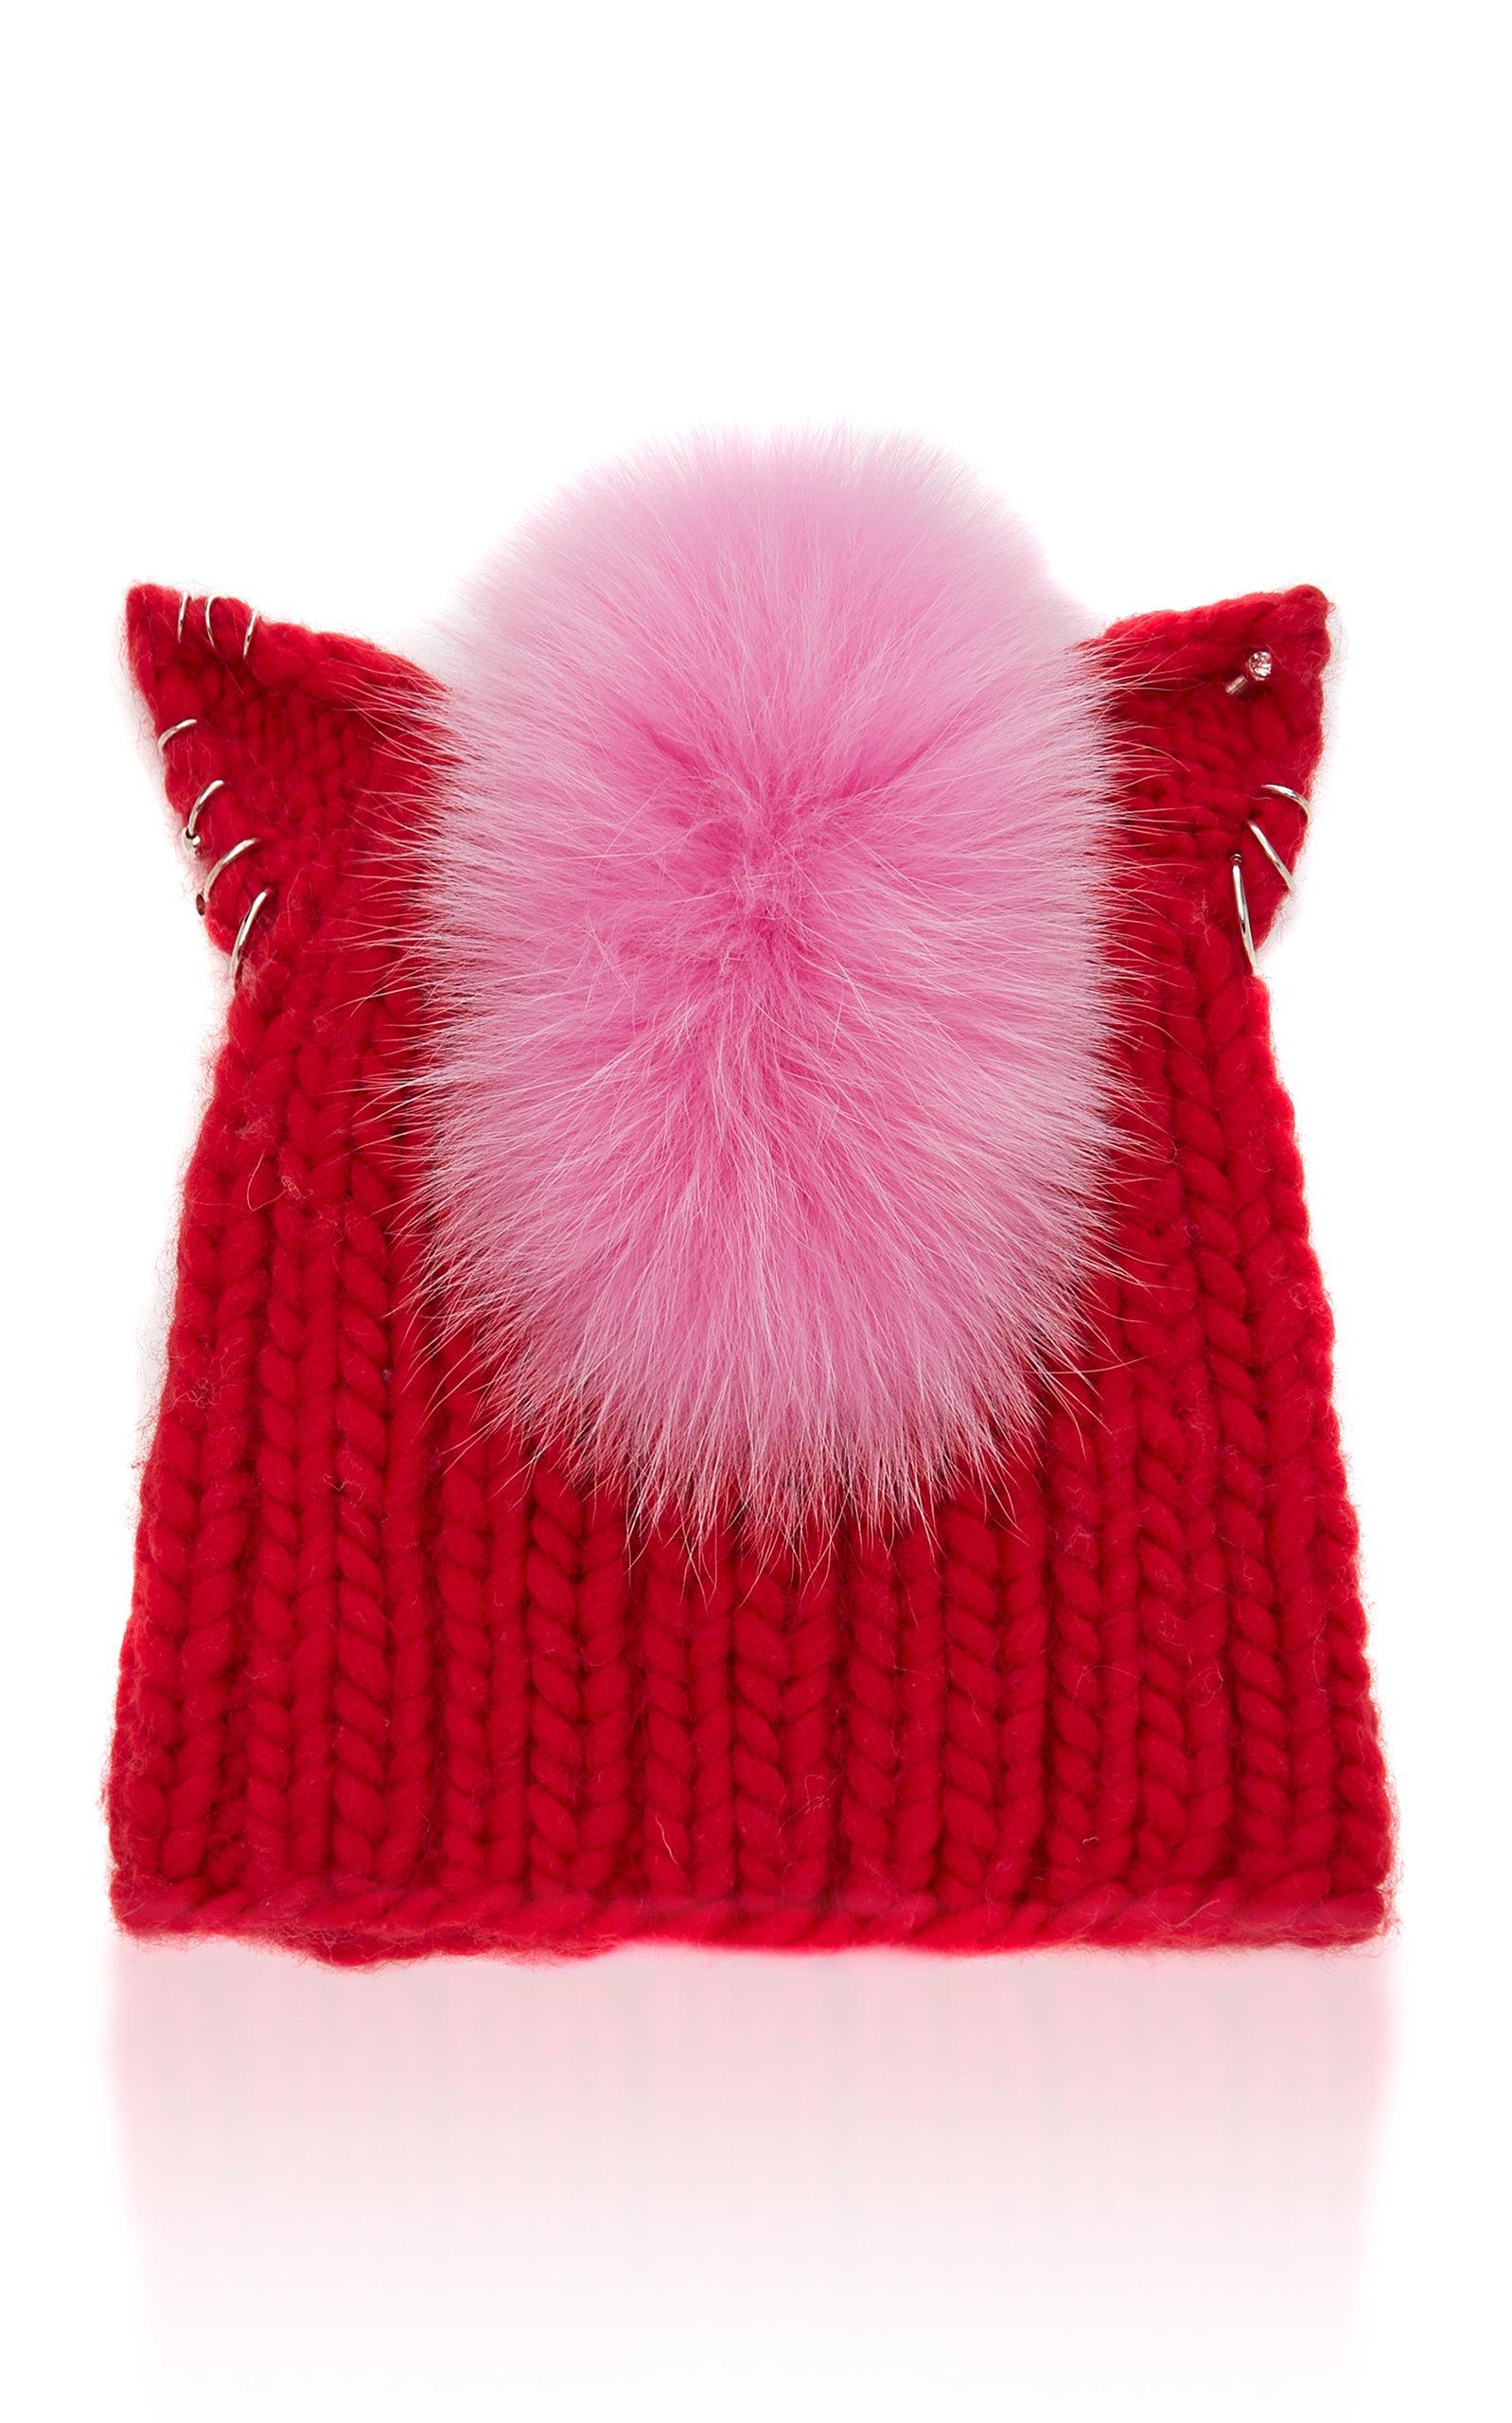 Eugenia Kim Felix Fox Fur-Trimmed Cable-Knit Beanie In Red  fcb441dd73b7